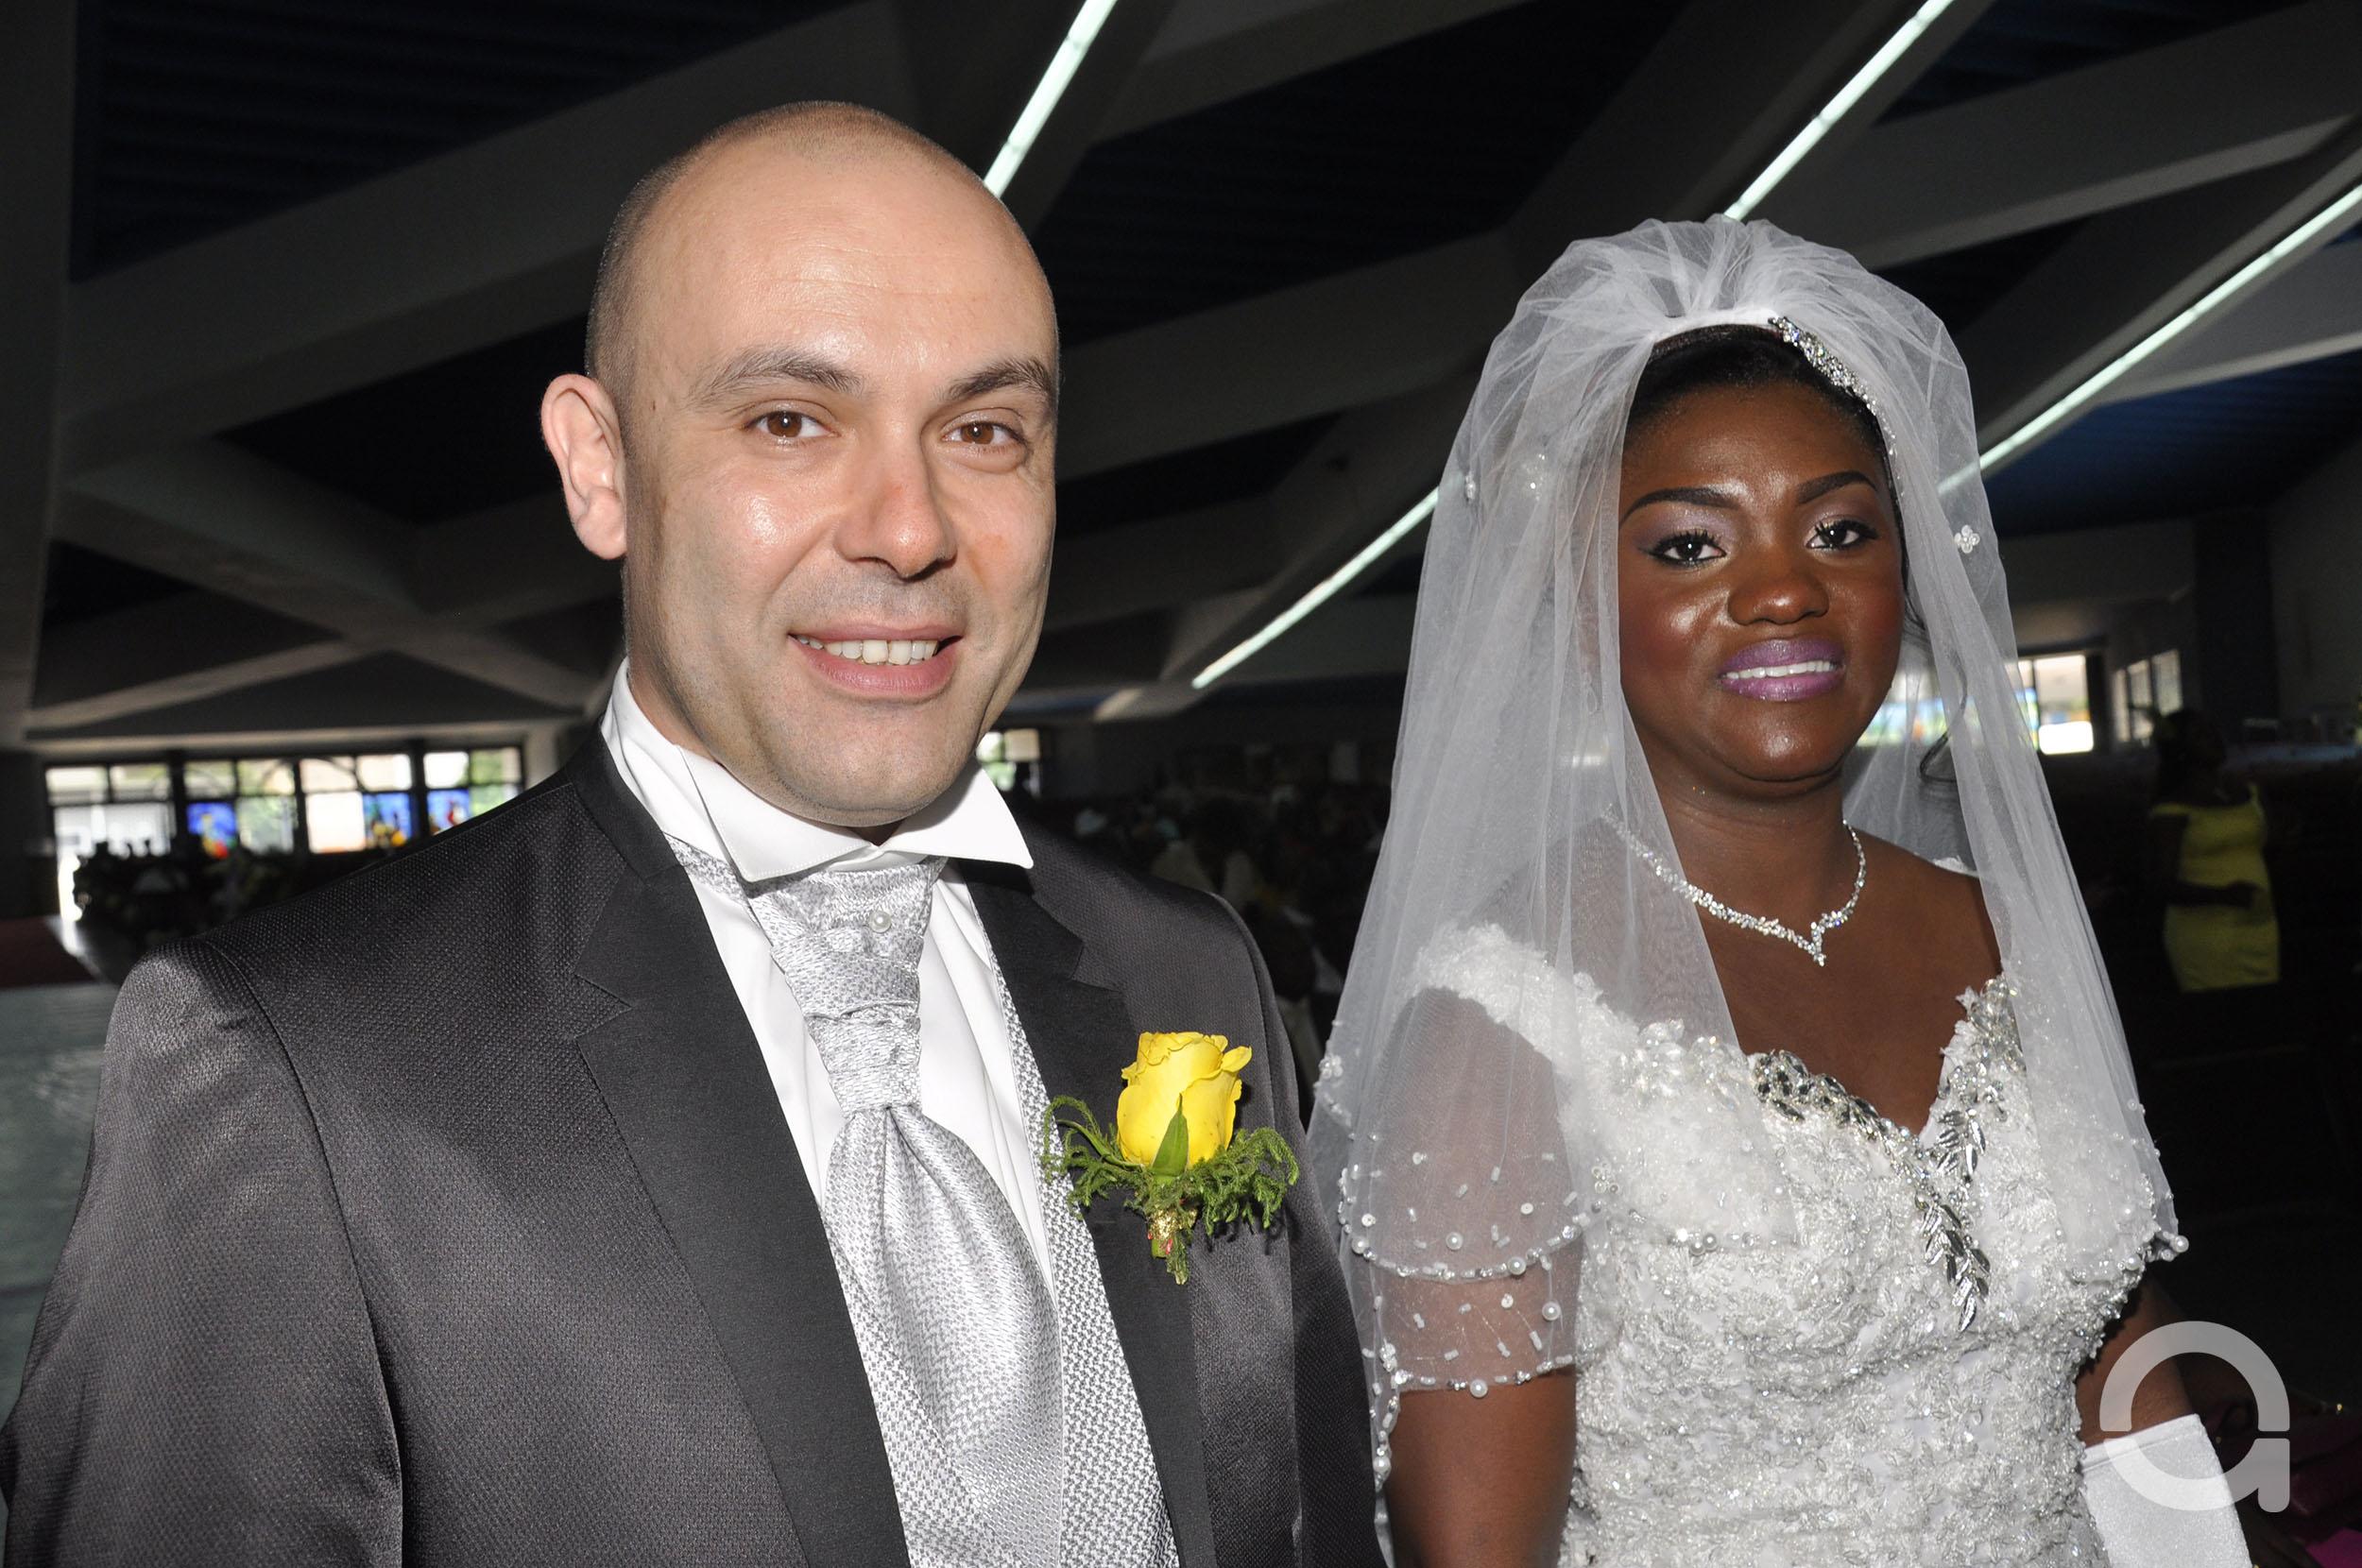 Mariage couple DHAMCHIA 1